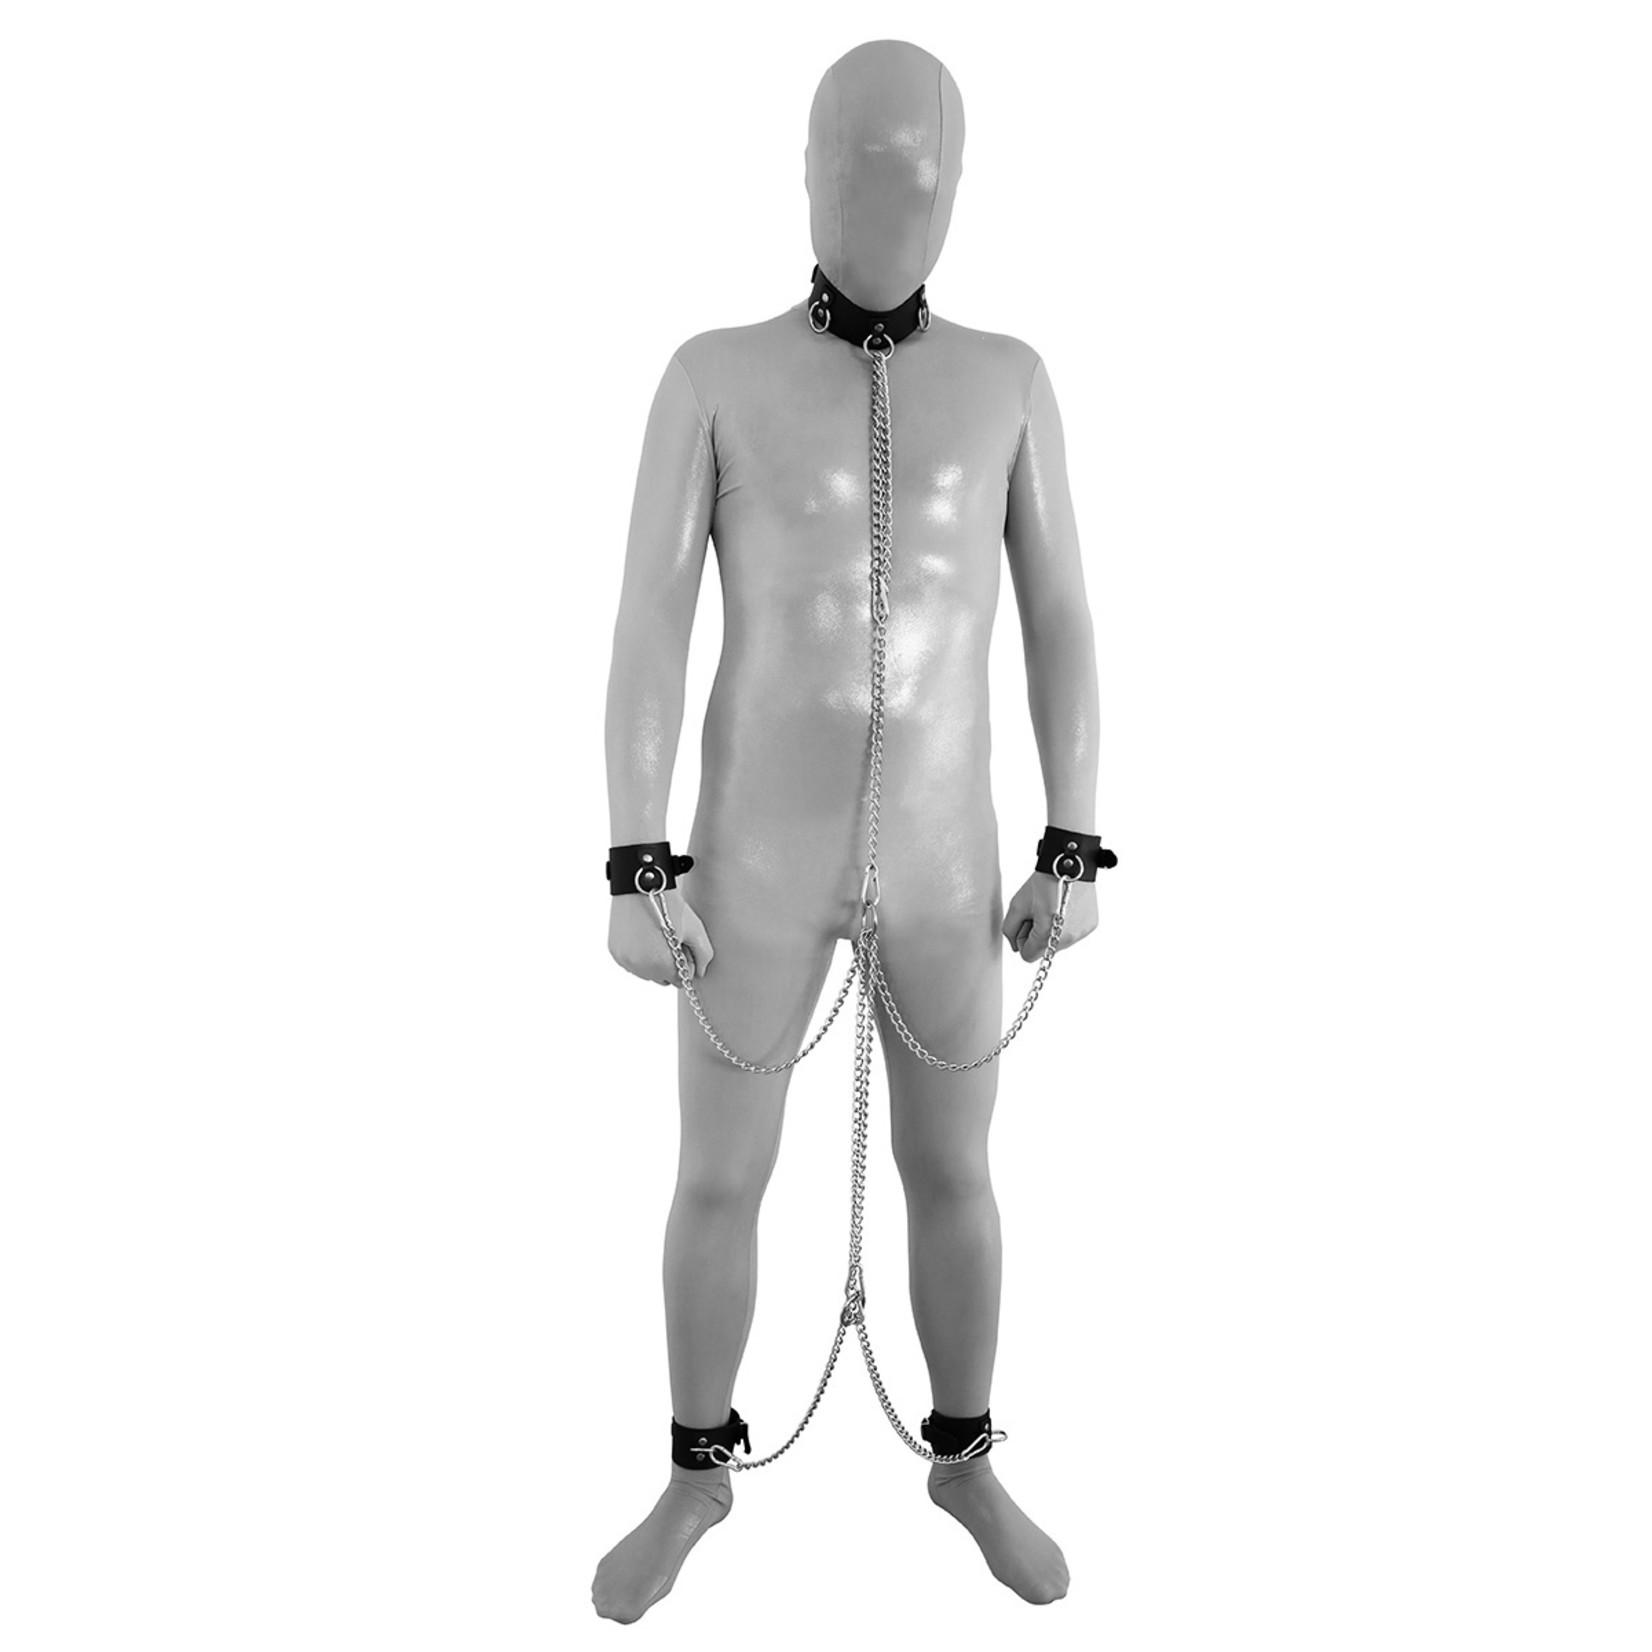 KIOTOS Leather Lederen Full Body Boeien & Collar Set